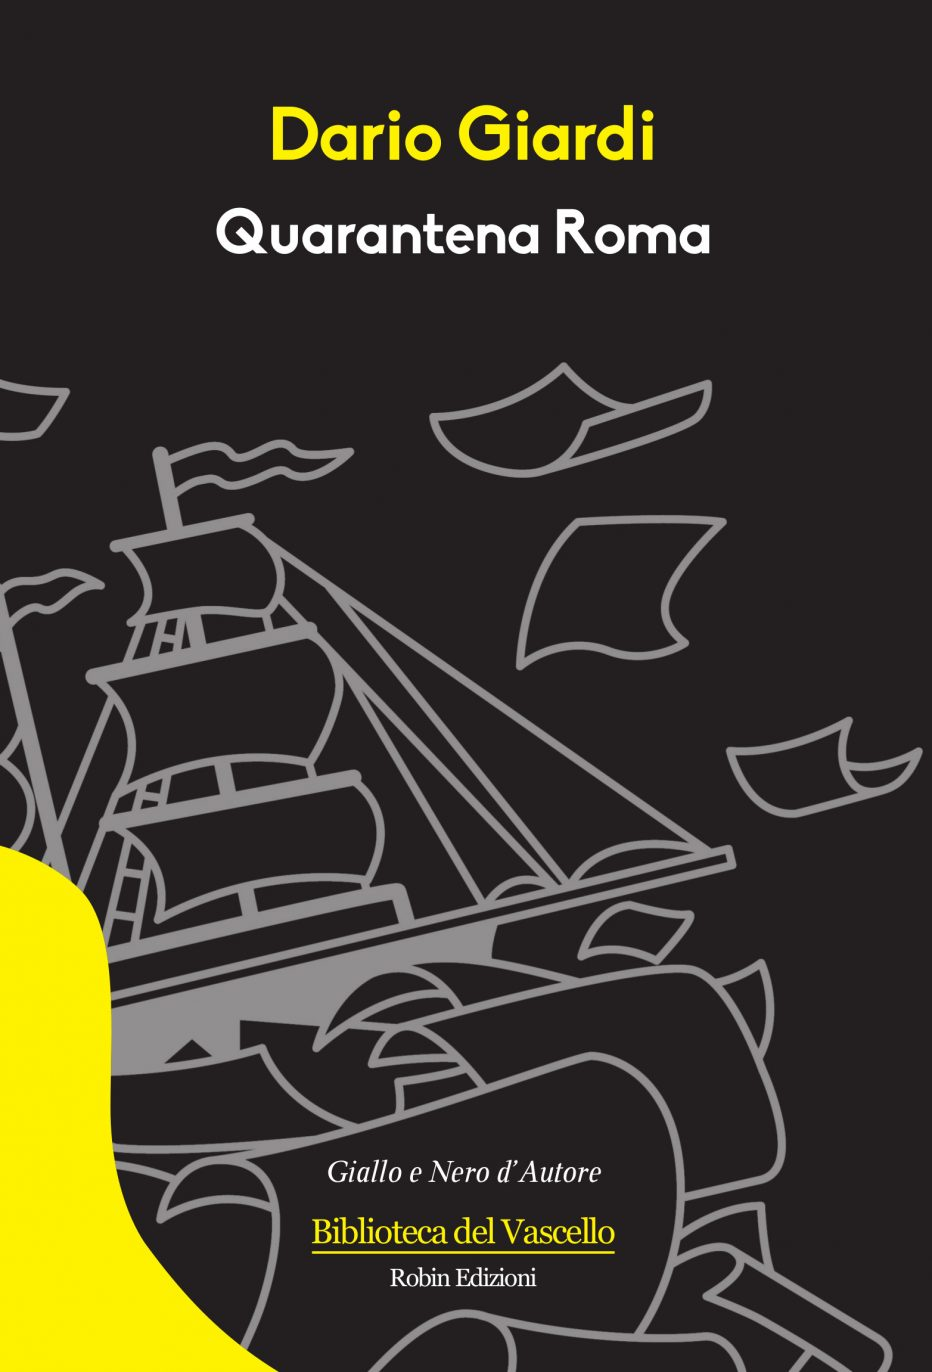 Quarantena Roma, il nuovo libro di Dario Giardi